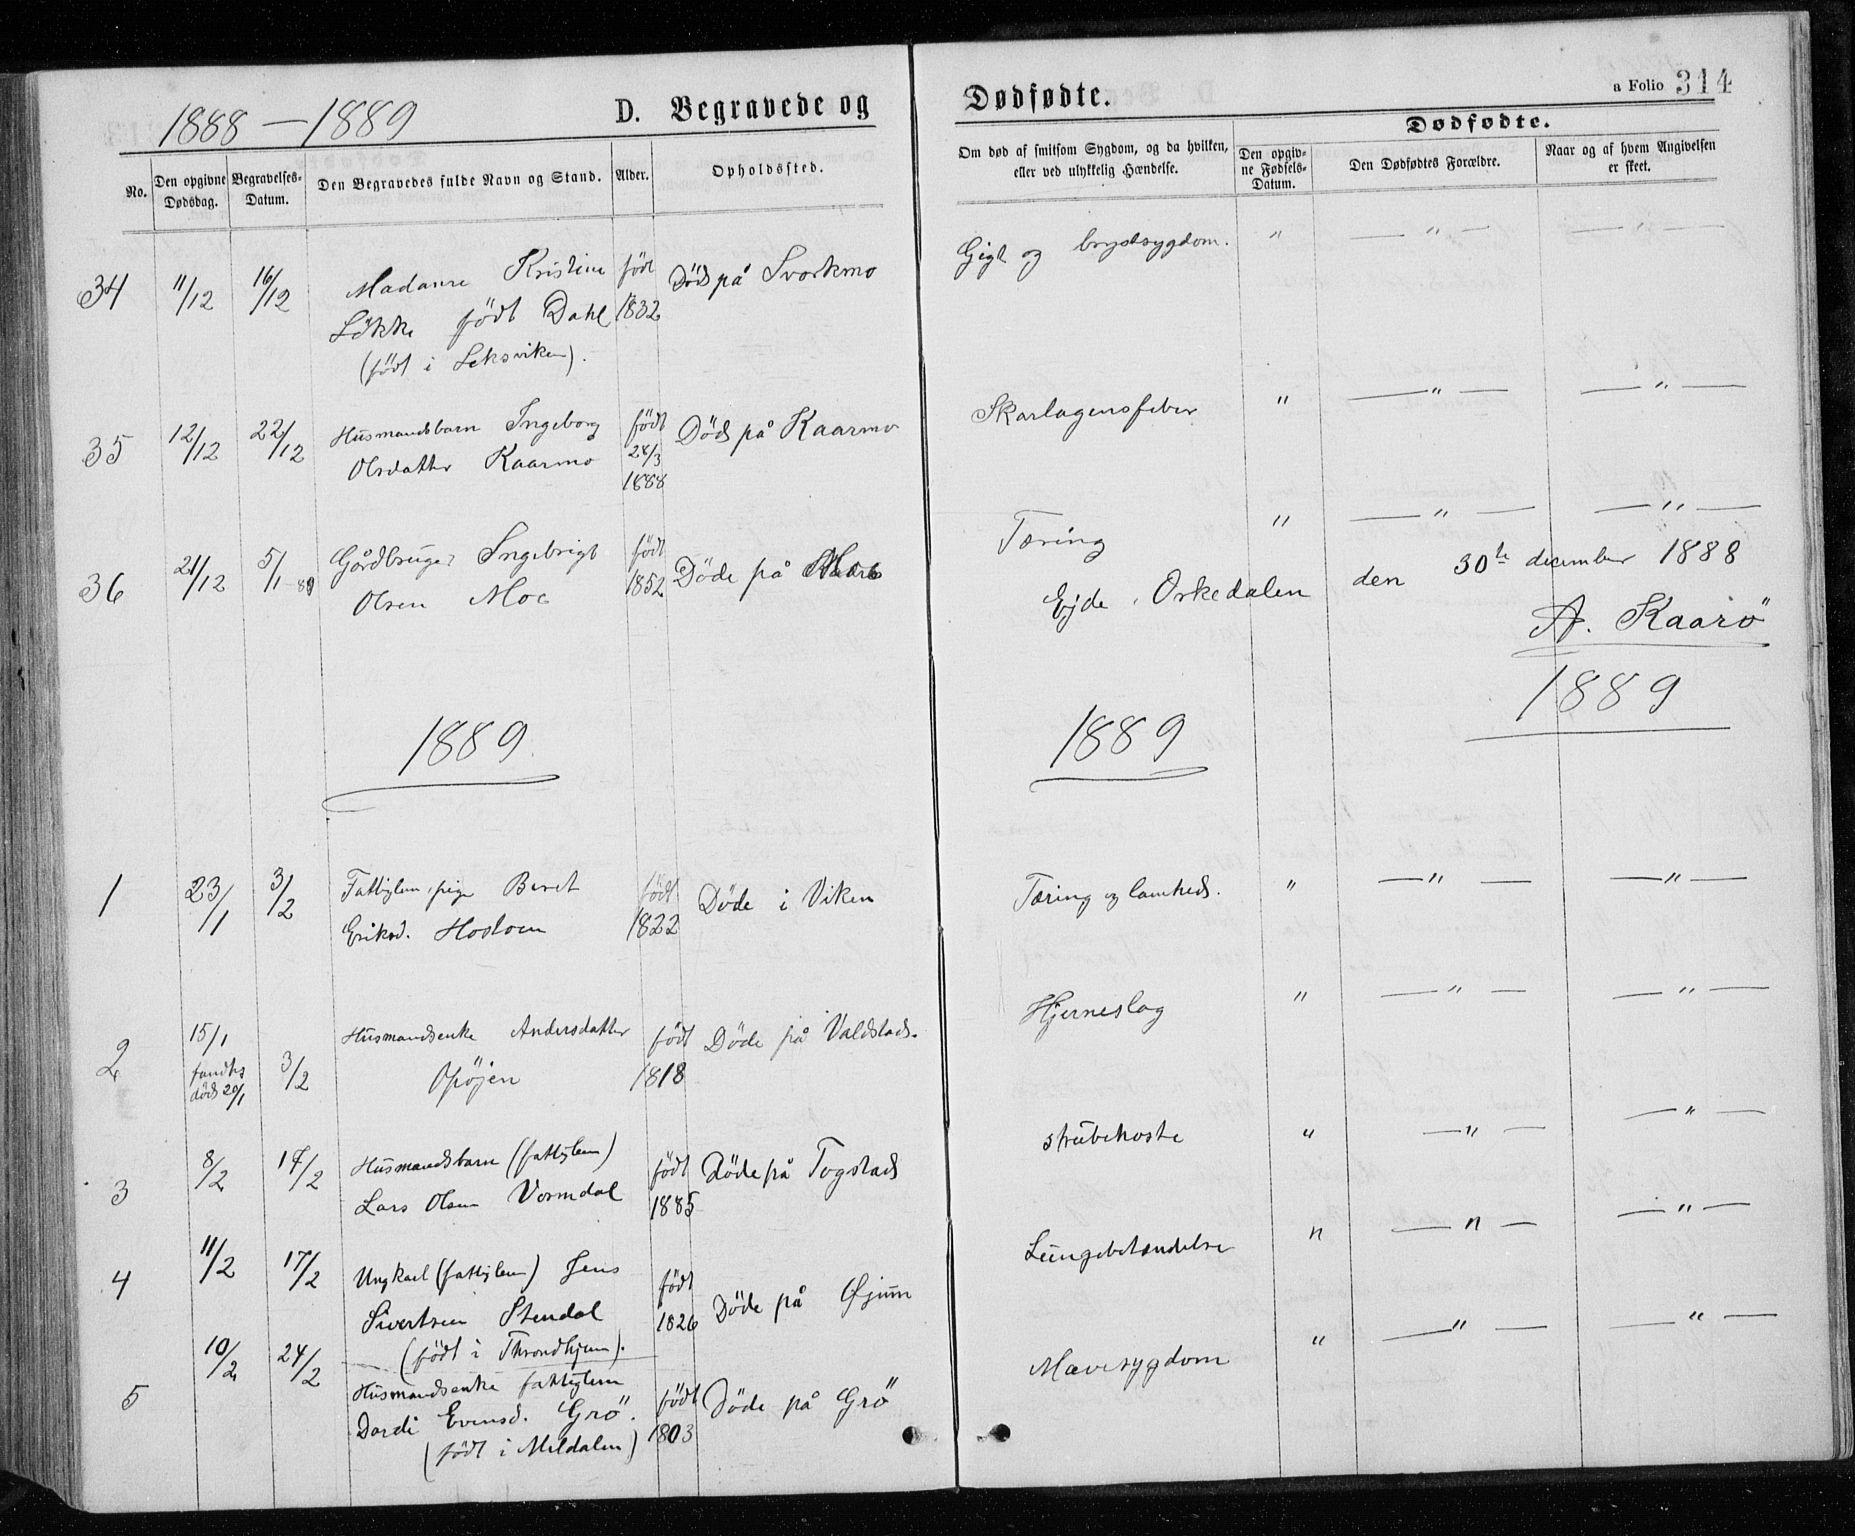 SAT, Ministerialprotokoller, klokkerbøker og fødselsregistre - Sør-Trøndelag, 671/L0843: Klokkerbok nr. 671C02, 1873-1892, s. 314